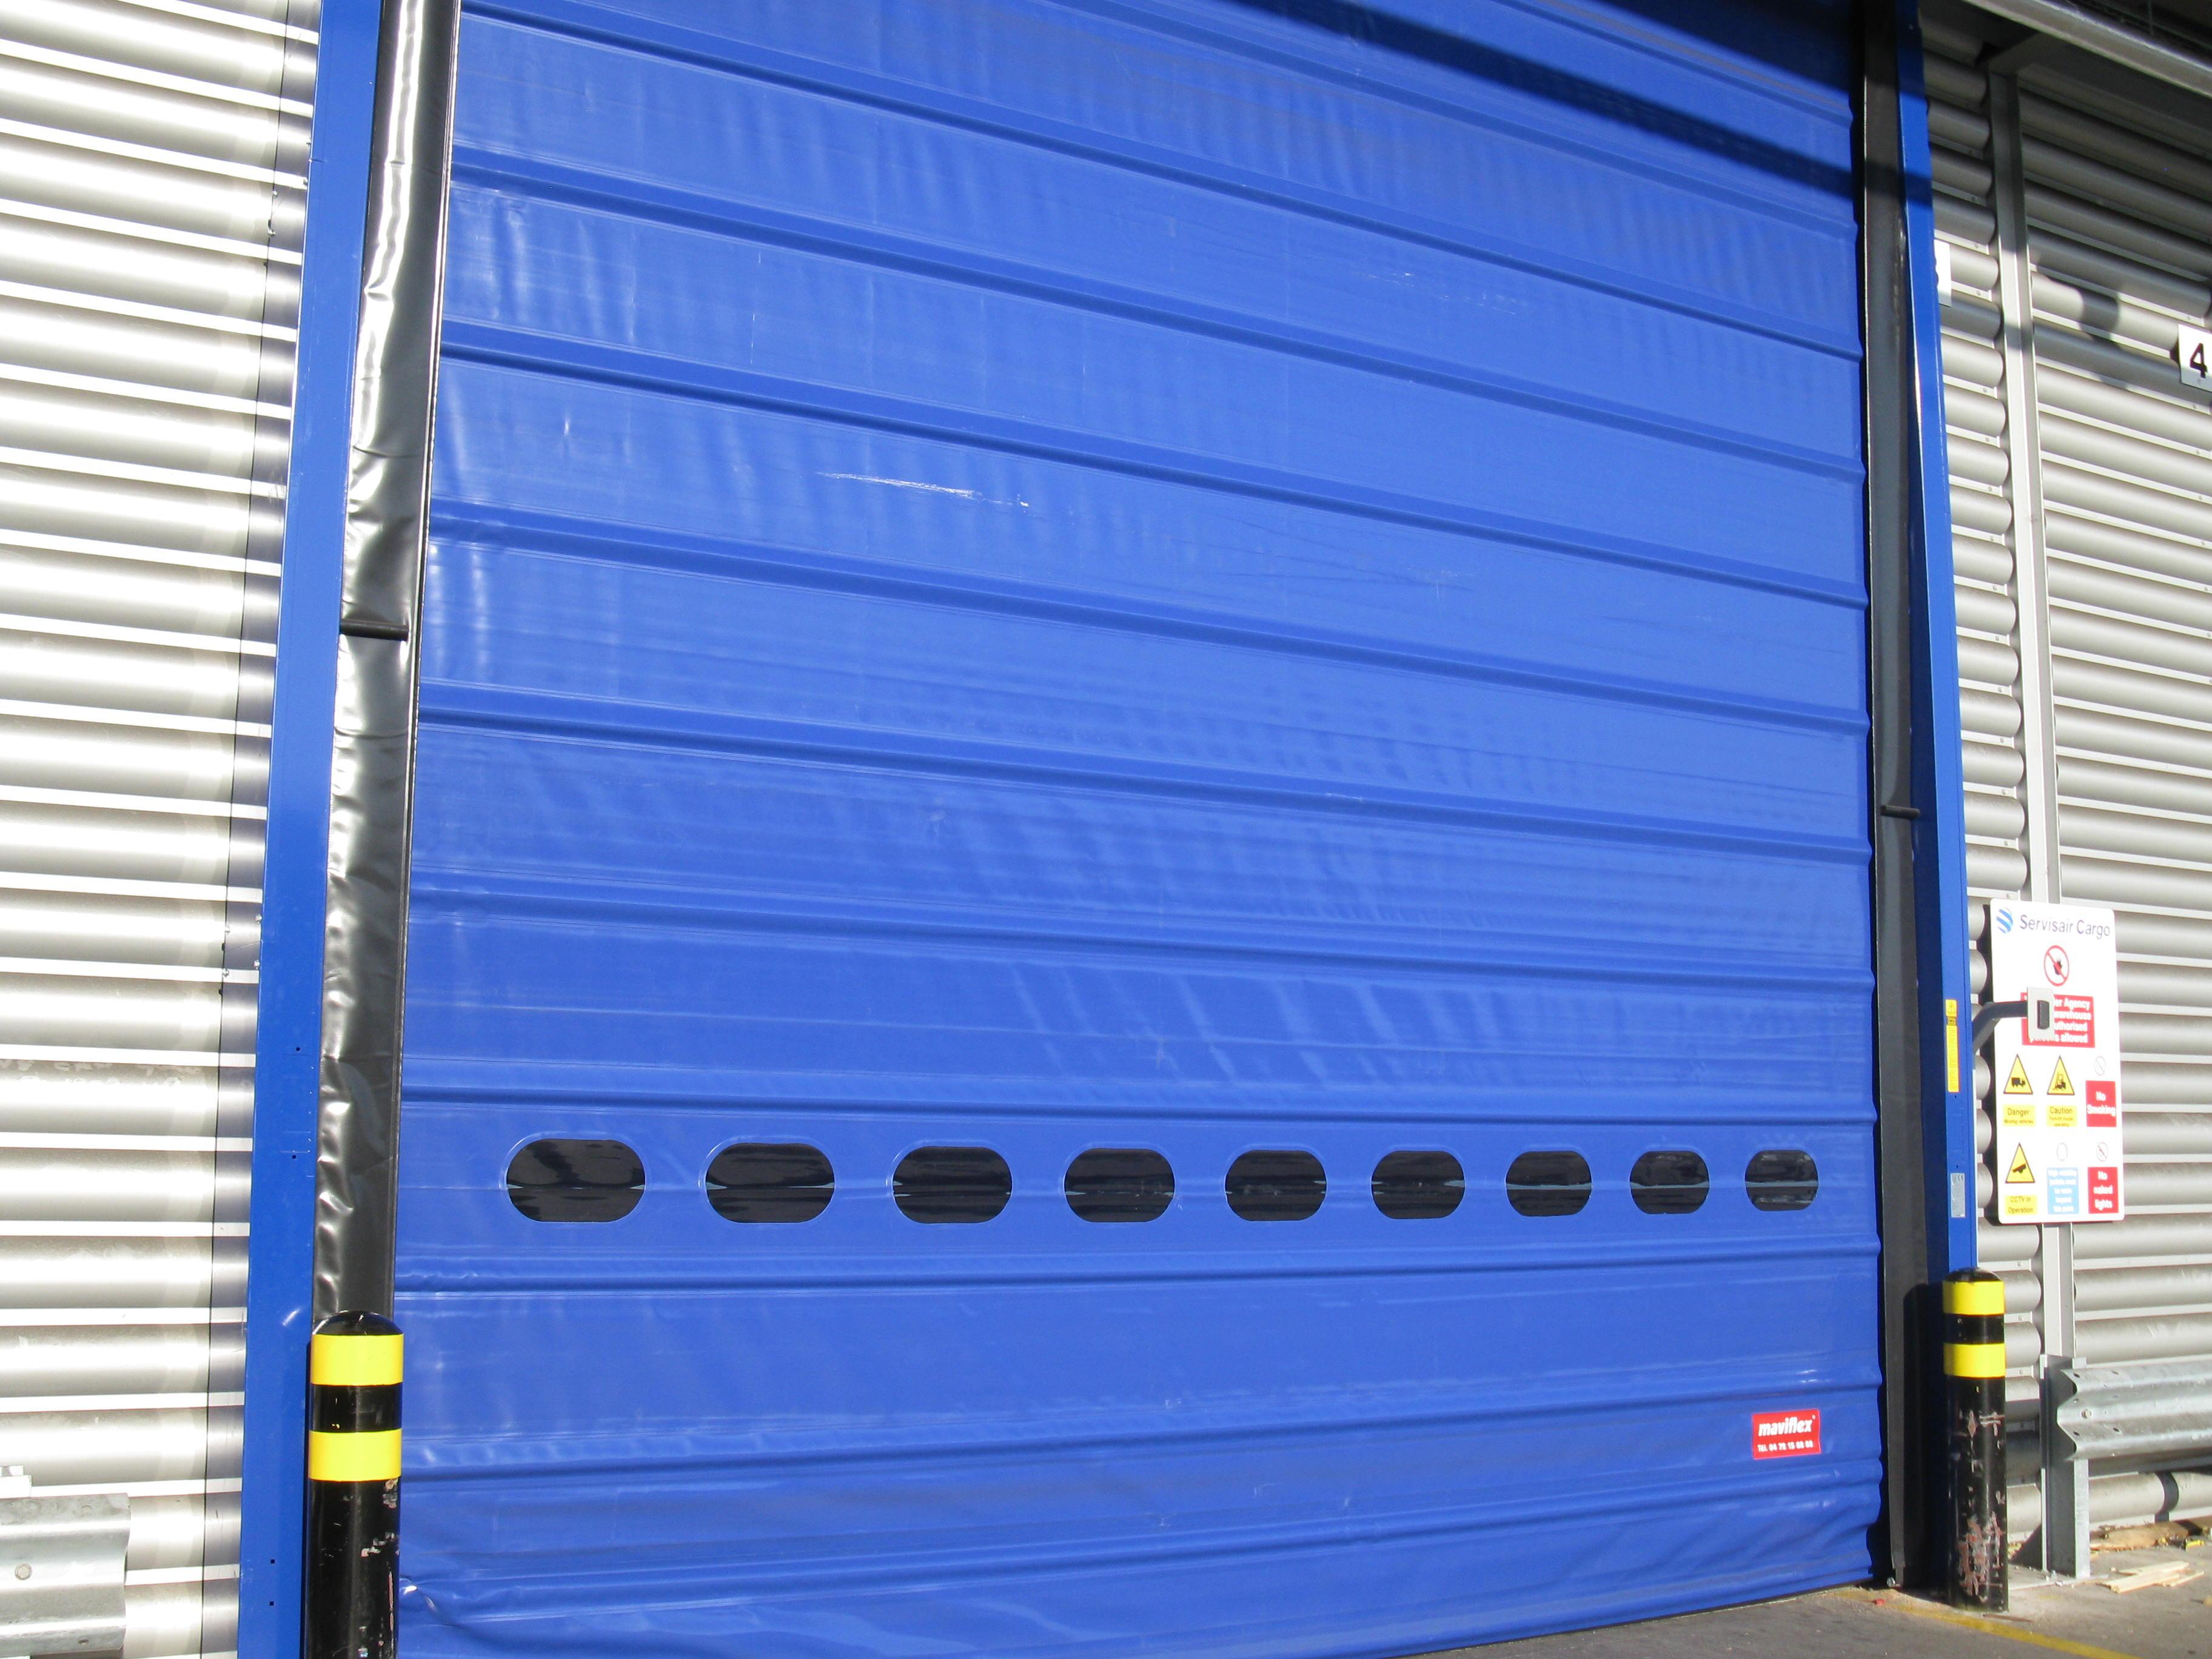 Warehouse Doors collapsible door rapid door shutter & Rapid Doors - 4 Maintenance Engineering